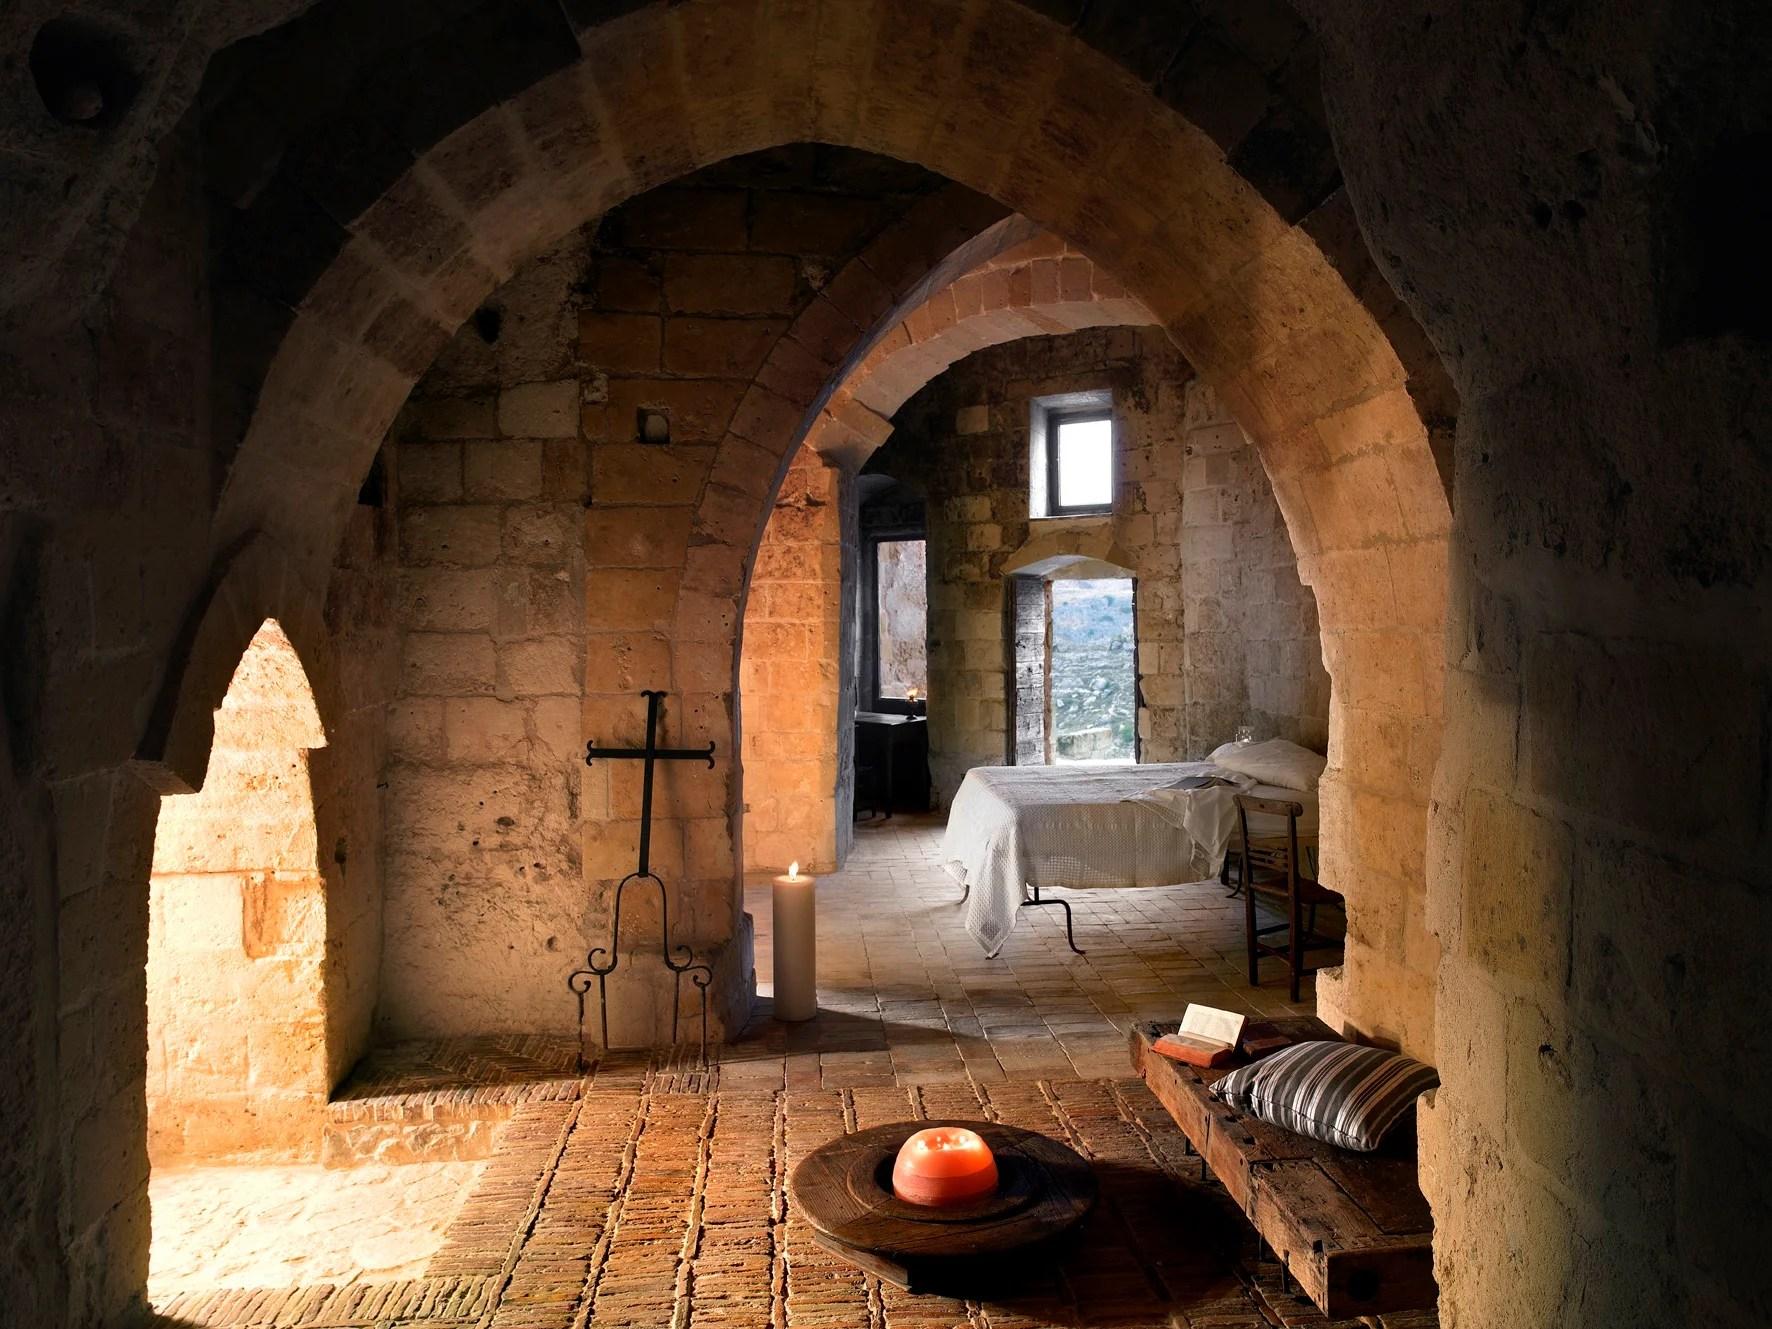 Sextantio Grotte della Civiltà hotel in Matera. Photo courtesy of Design Hotels